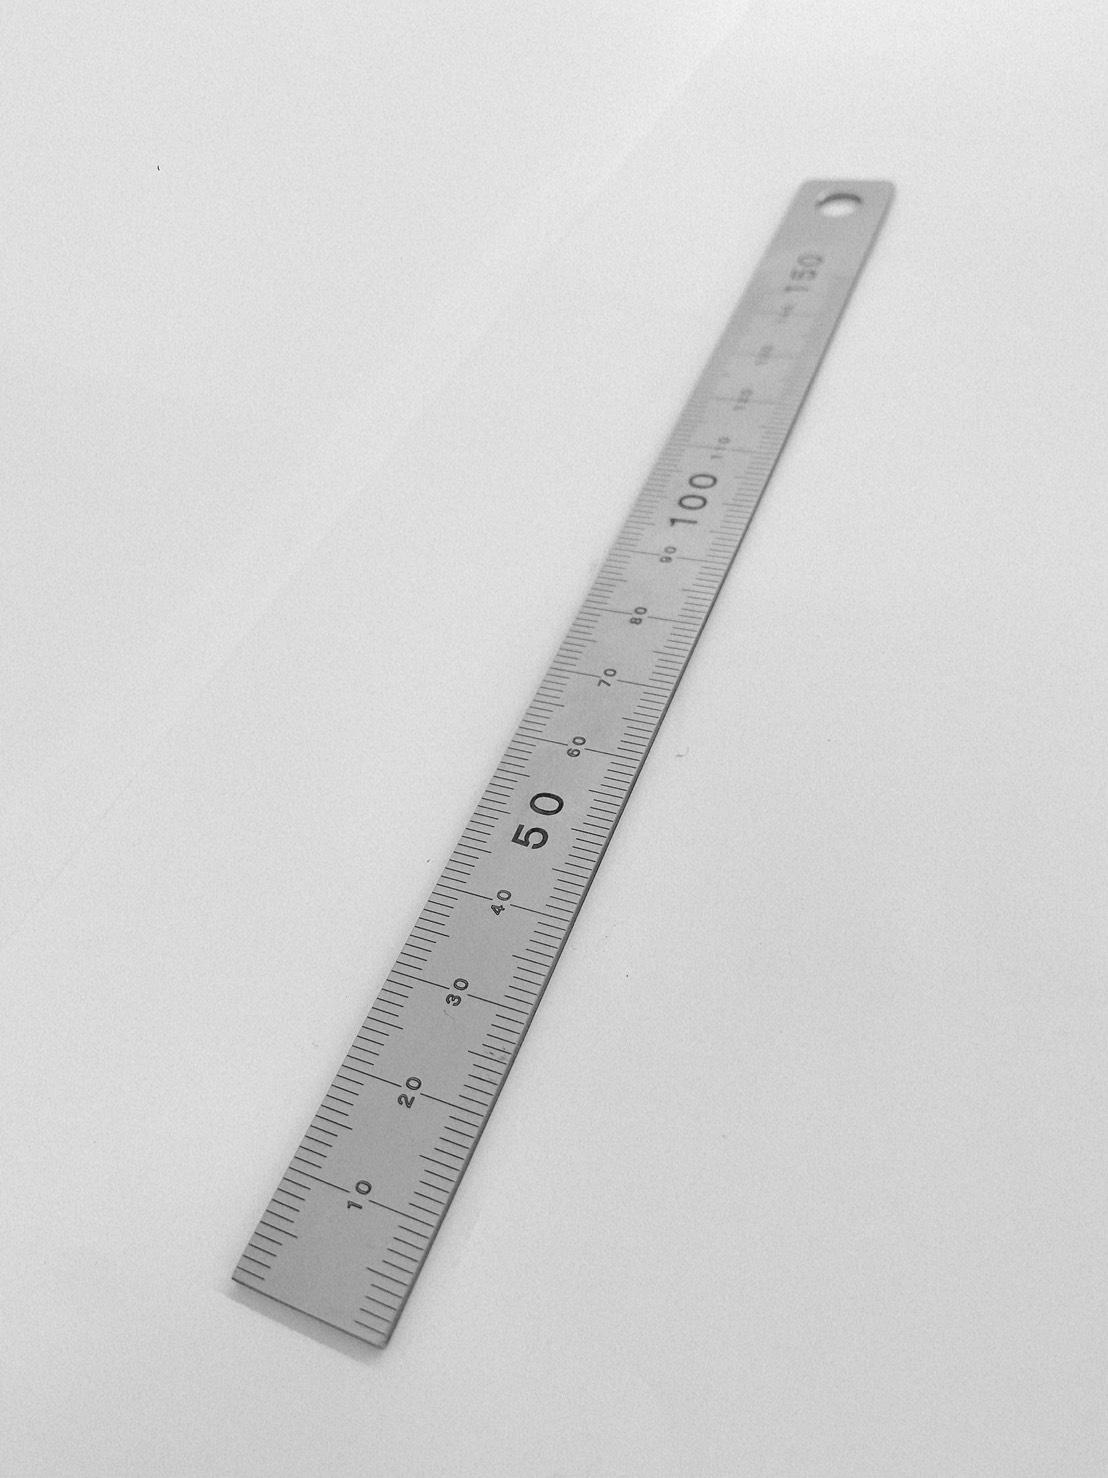 精密板金部品 レーザーマーキング ケガキ加工 ステンレス製定規